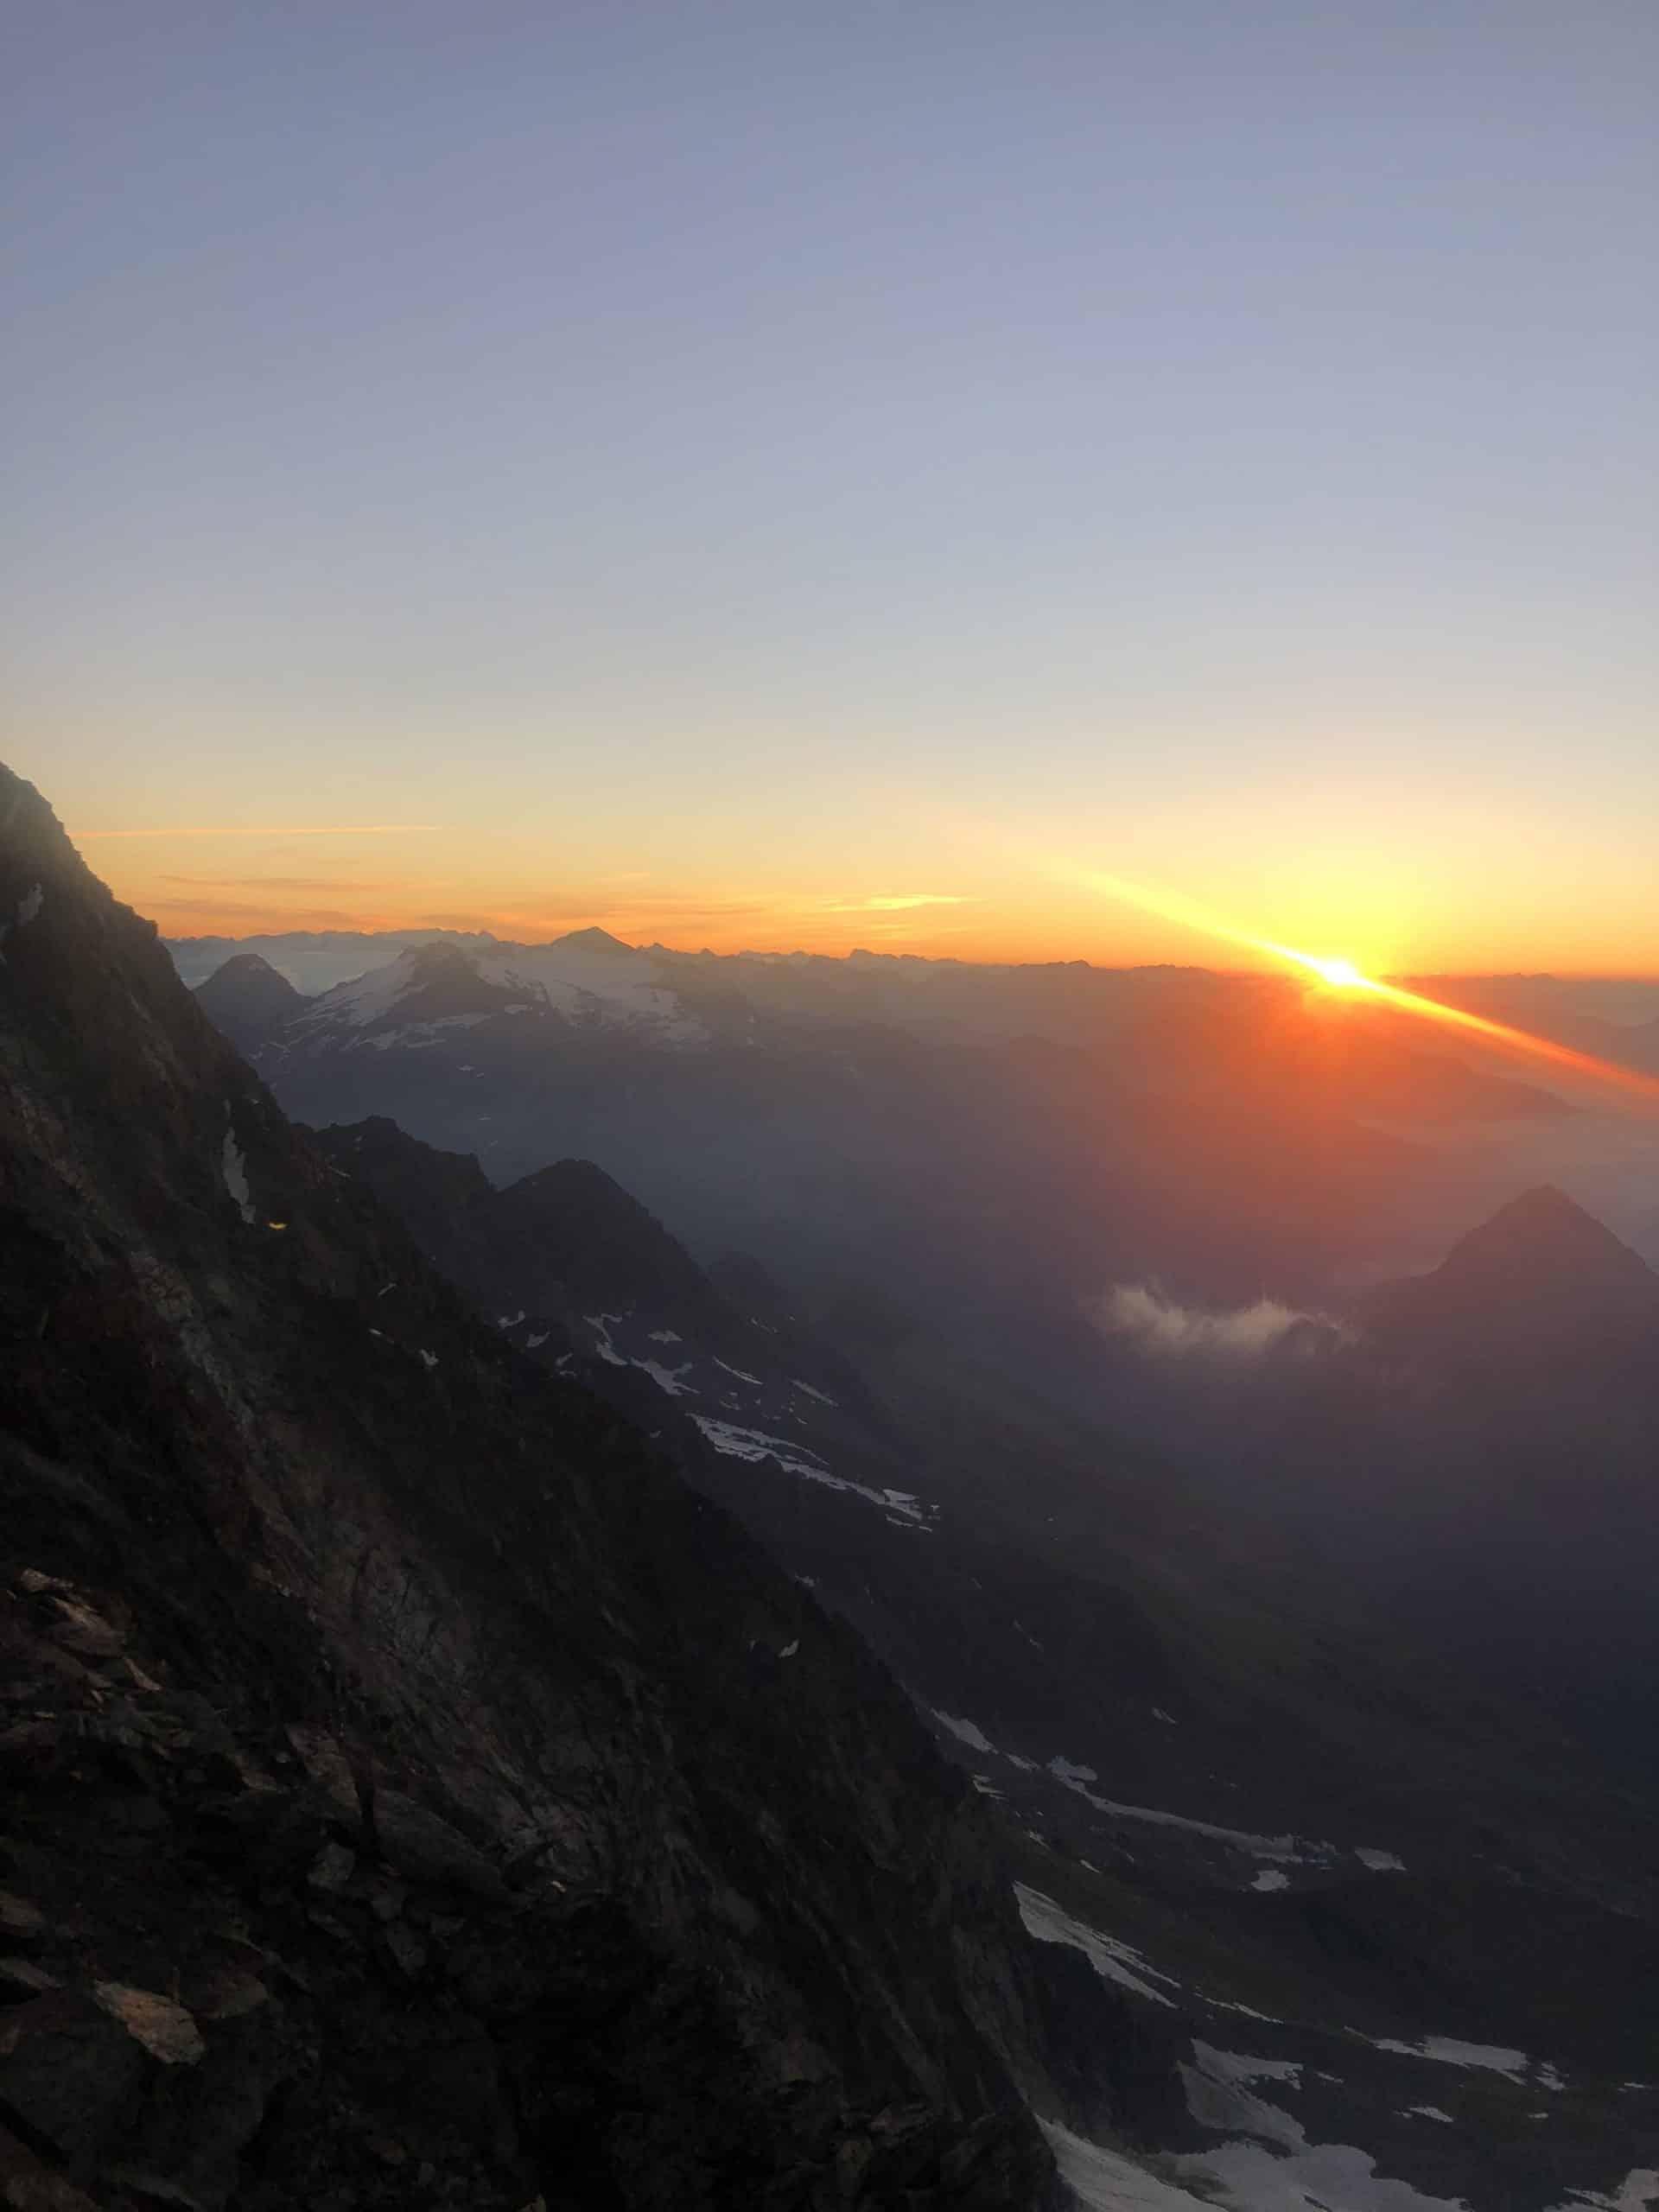 IMG 5393 1 scaled - Lagginhorn - Gipfelglück im zweiten Versuch?